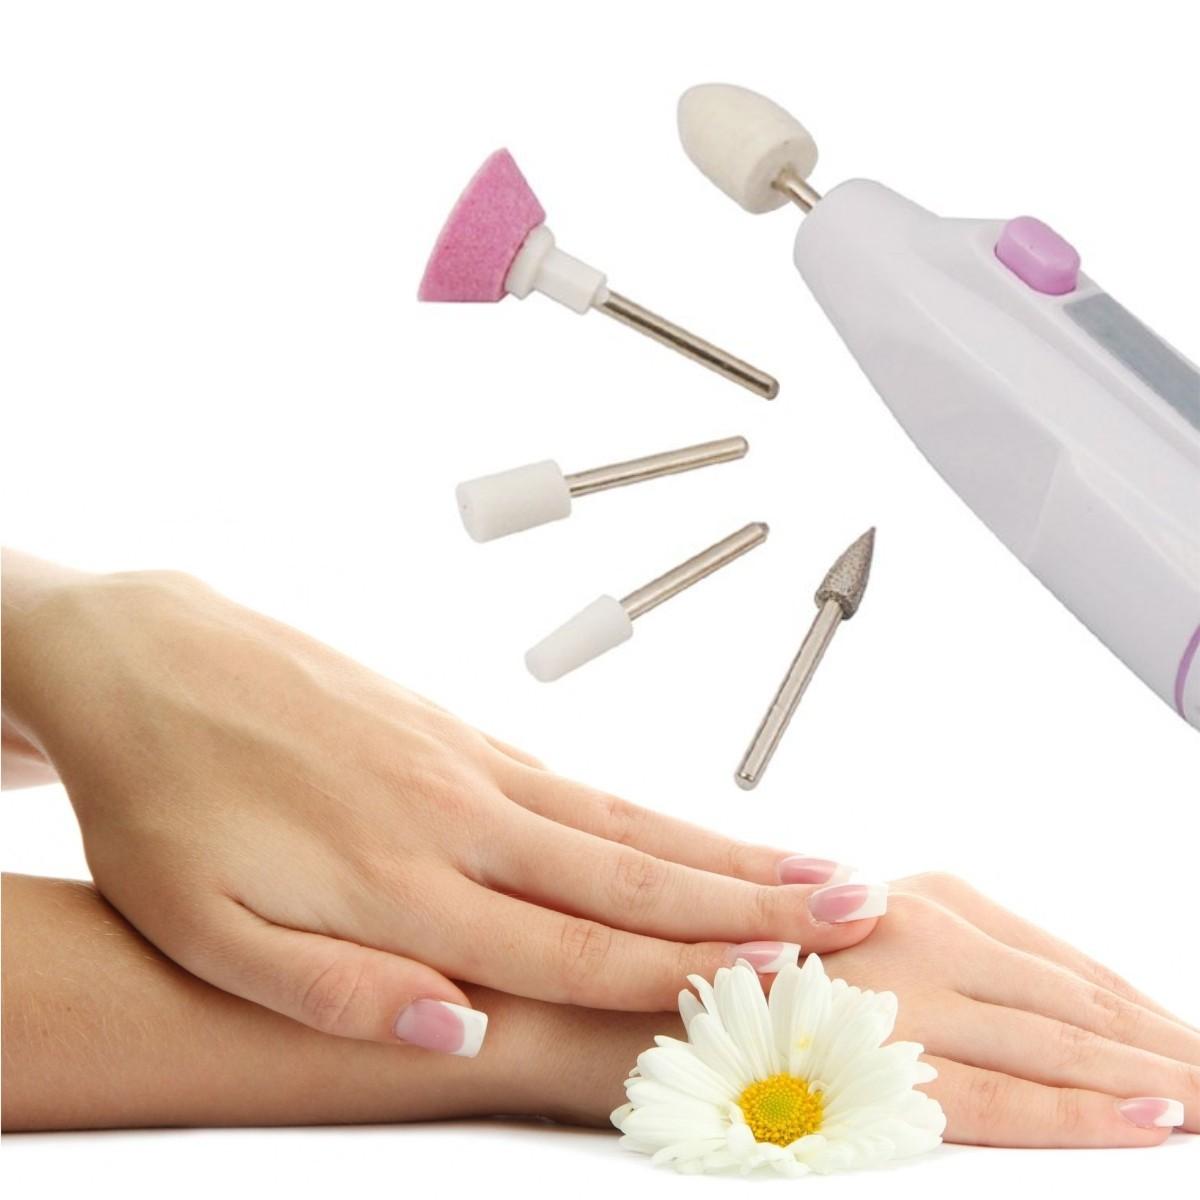 Kit para pulido Shaper manicure u as de salon sin salir de casa